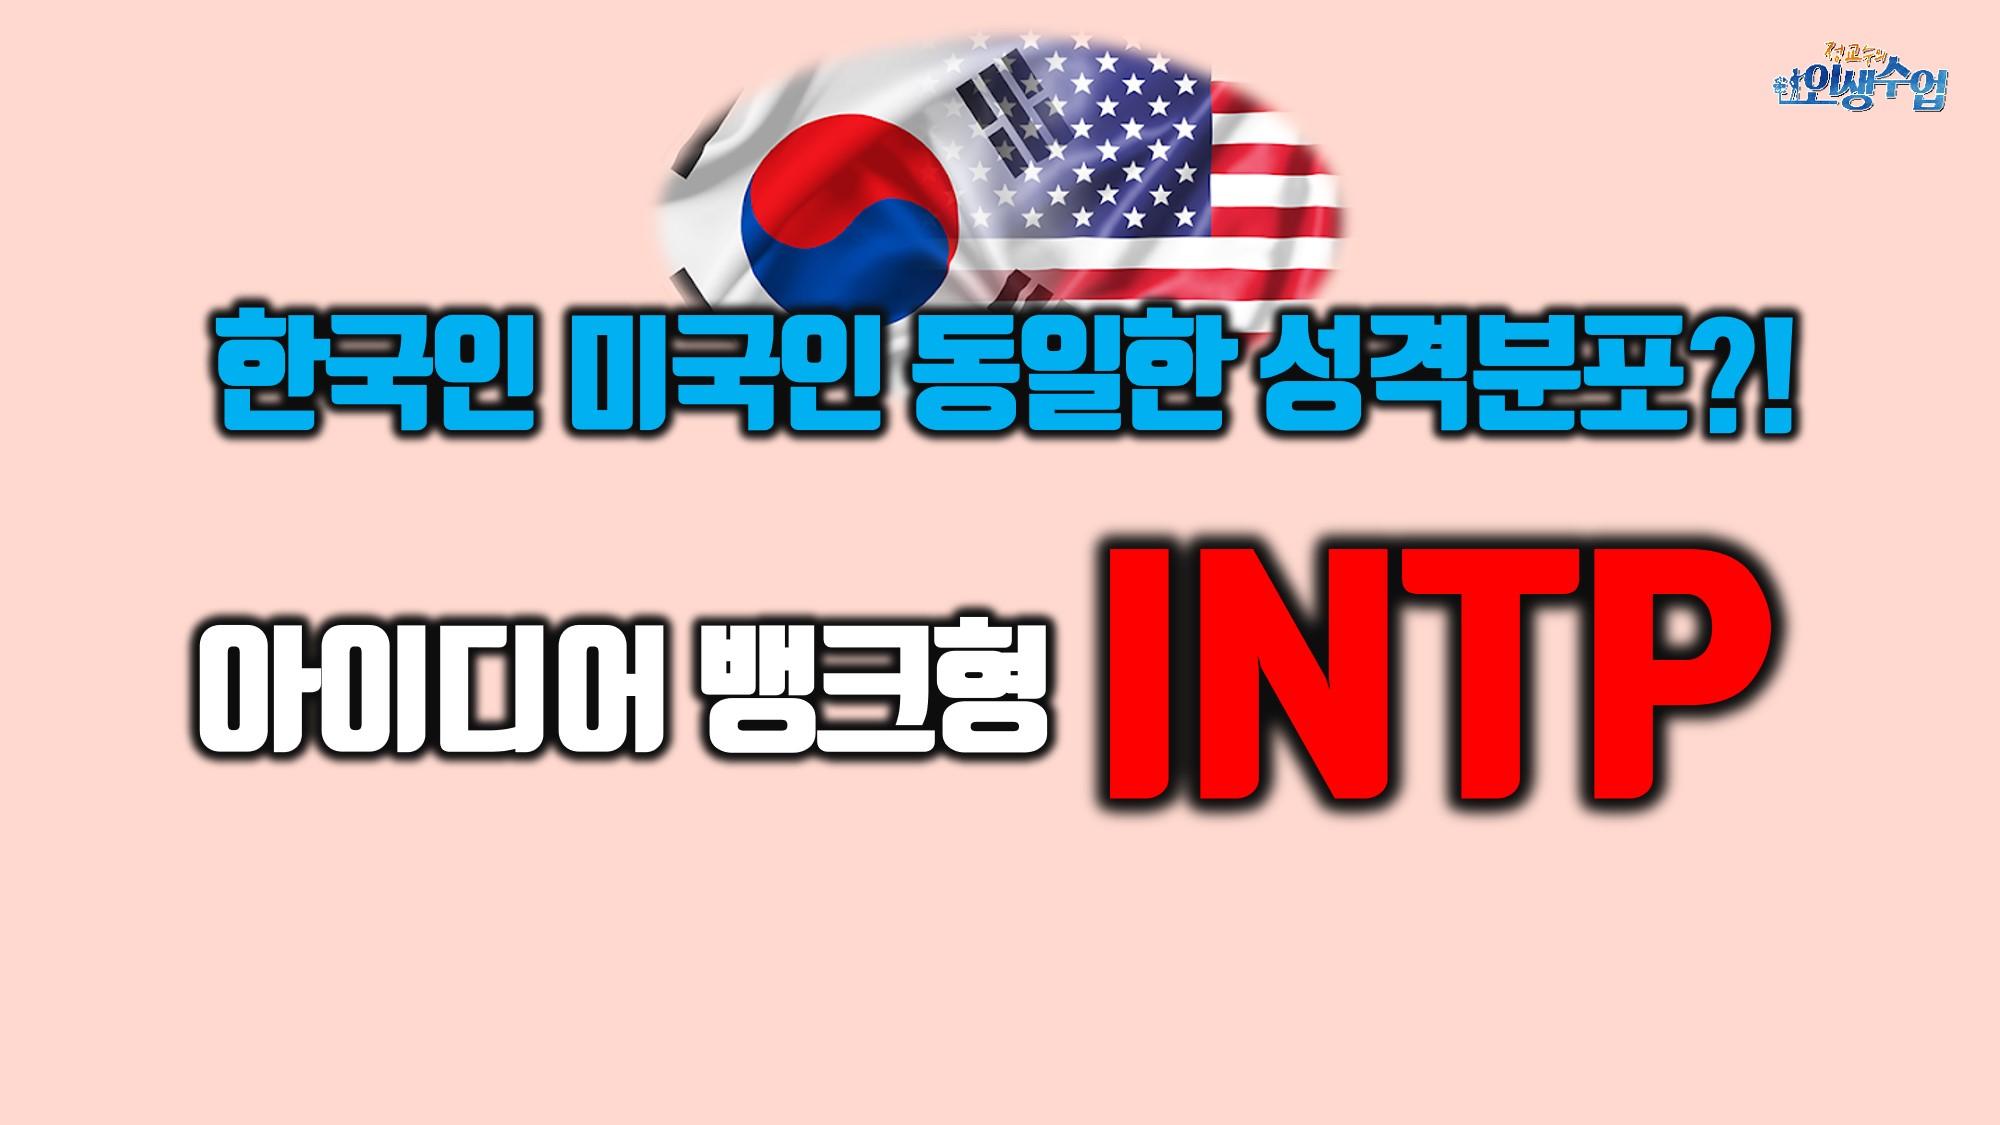 한국인 미국인 동일한 성격분포유형?! 아이디어 뱅크형 INTP유형의 성격과 직업진로, 대표인물, 문제점과 문제해결방안(MBTI유형설명)